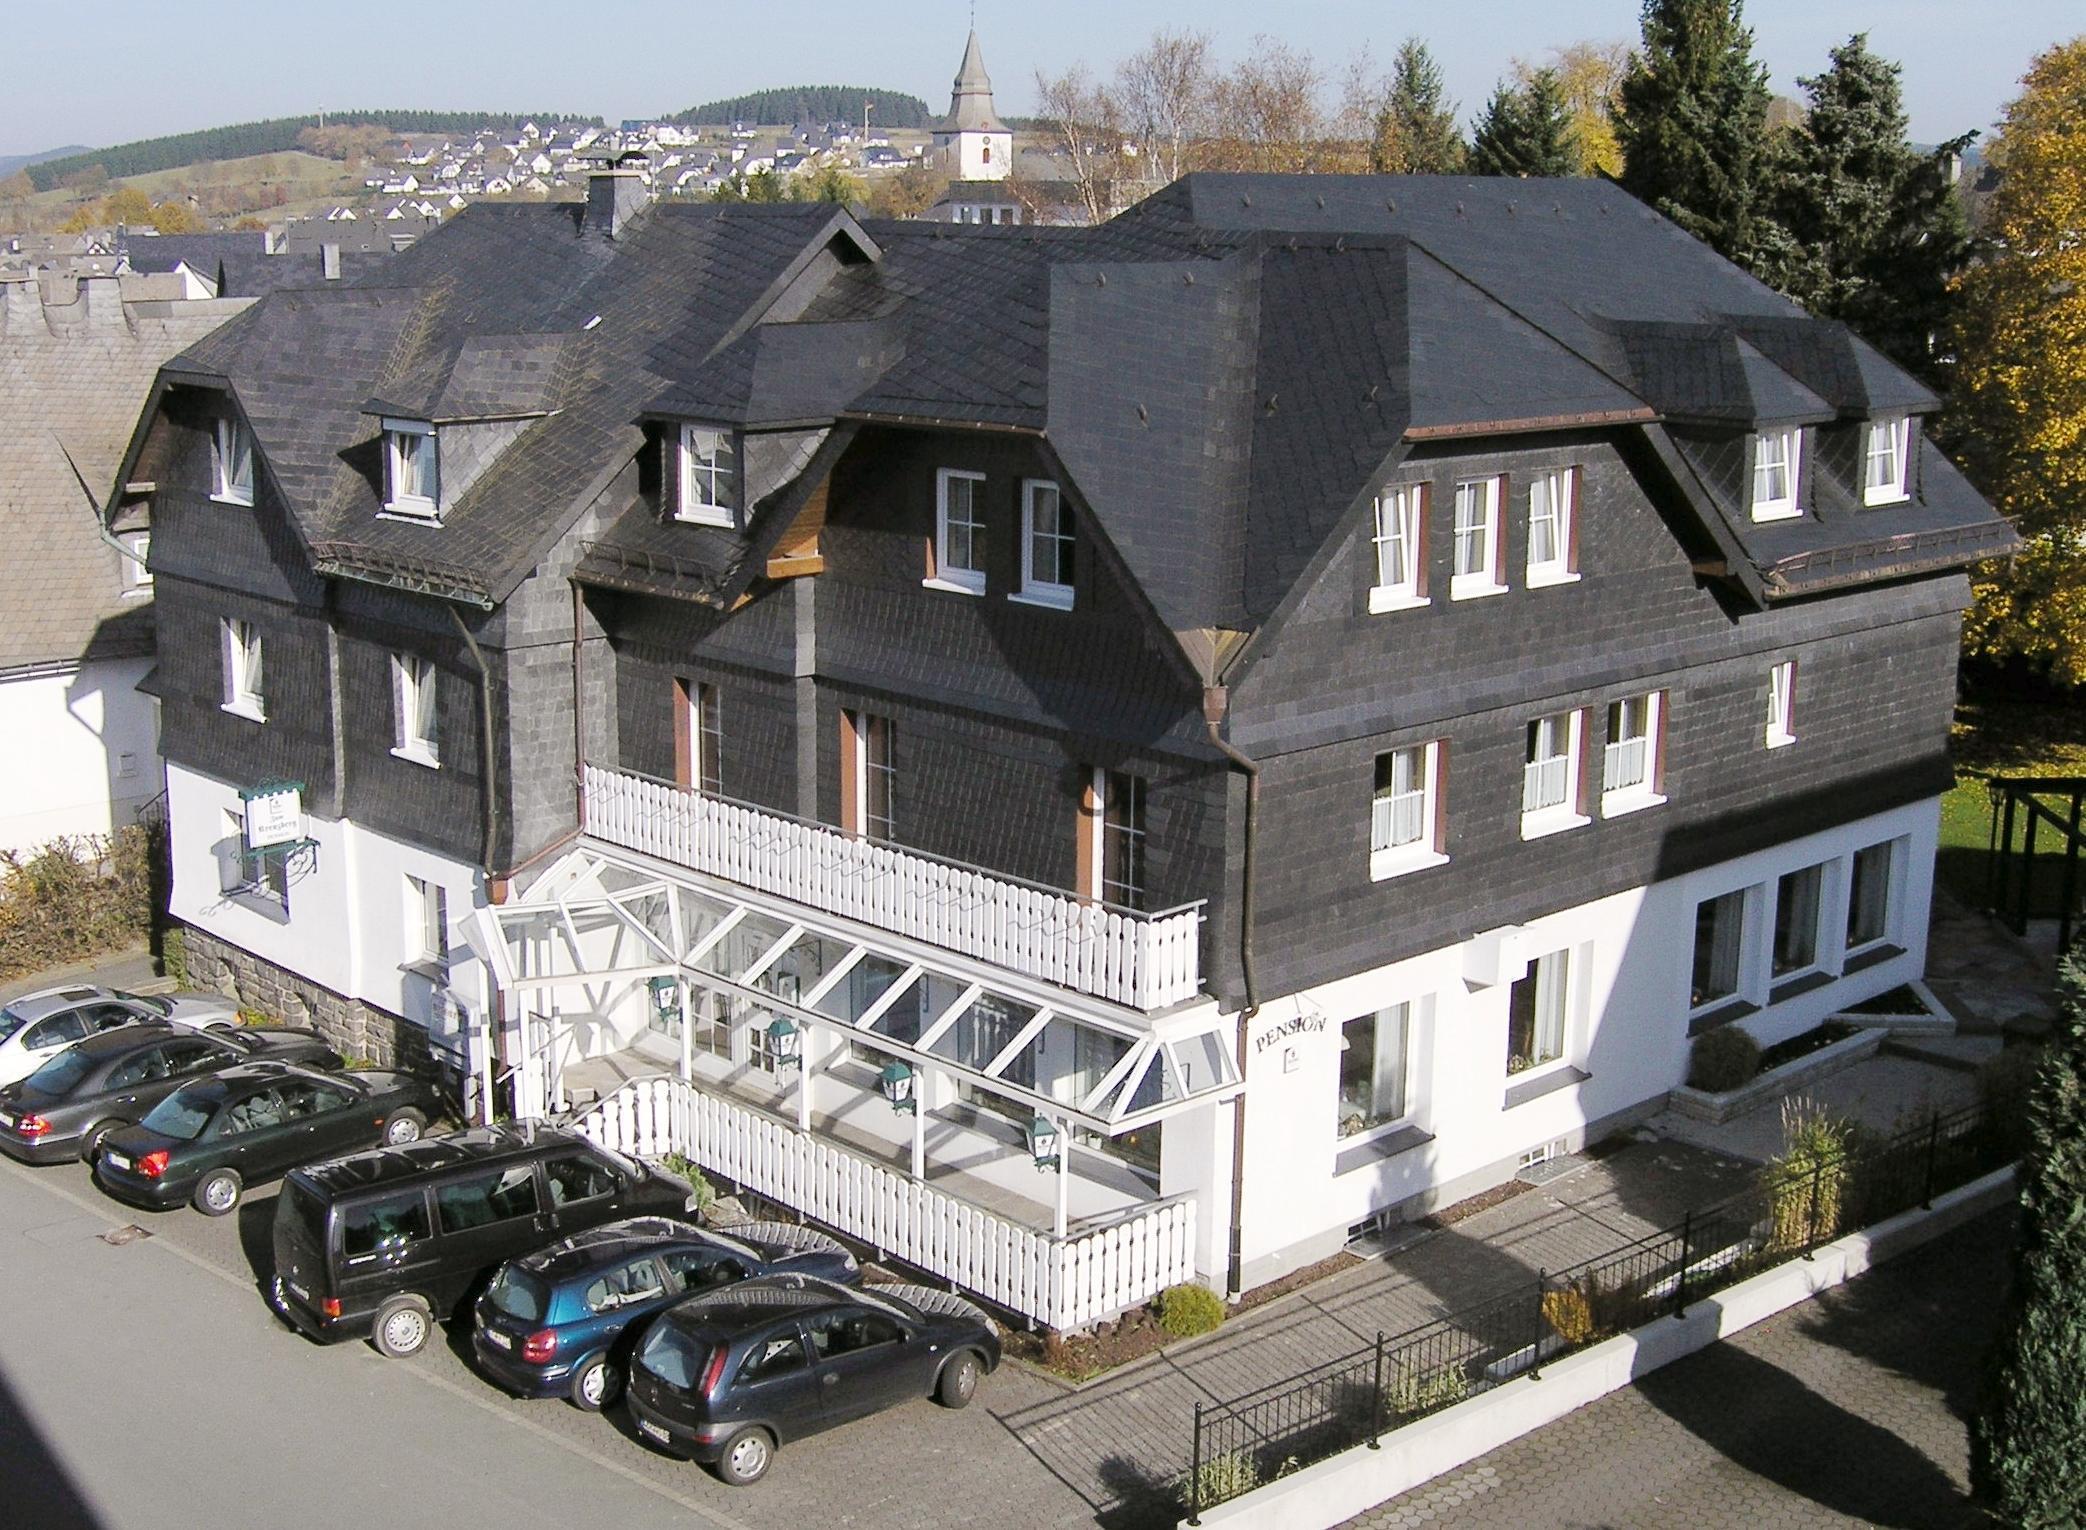 hotel pension zum kreuzberg in winterberg holidaycheck nordrhein westfalen deutschland. Black Bedroom Furniture Sets. Home Design Ideas